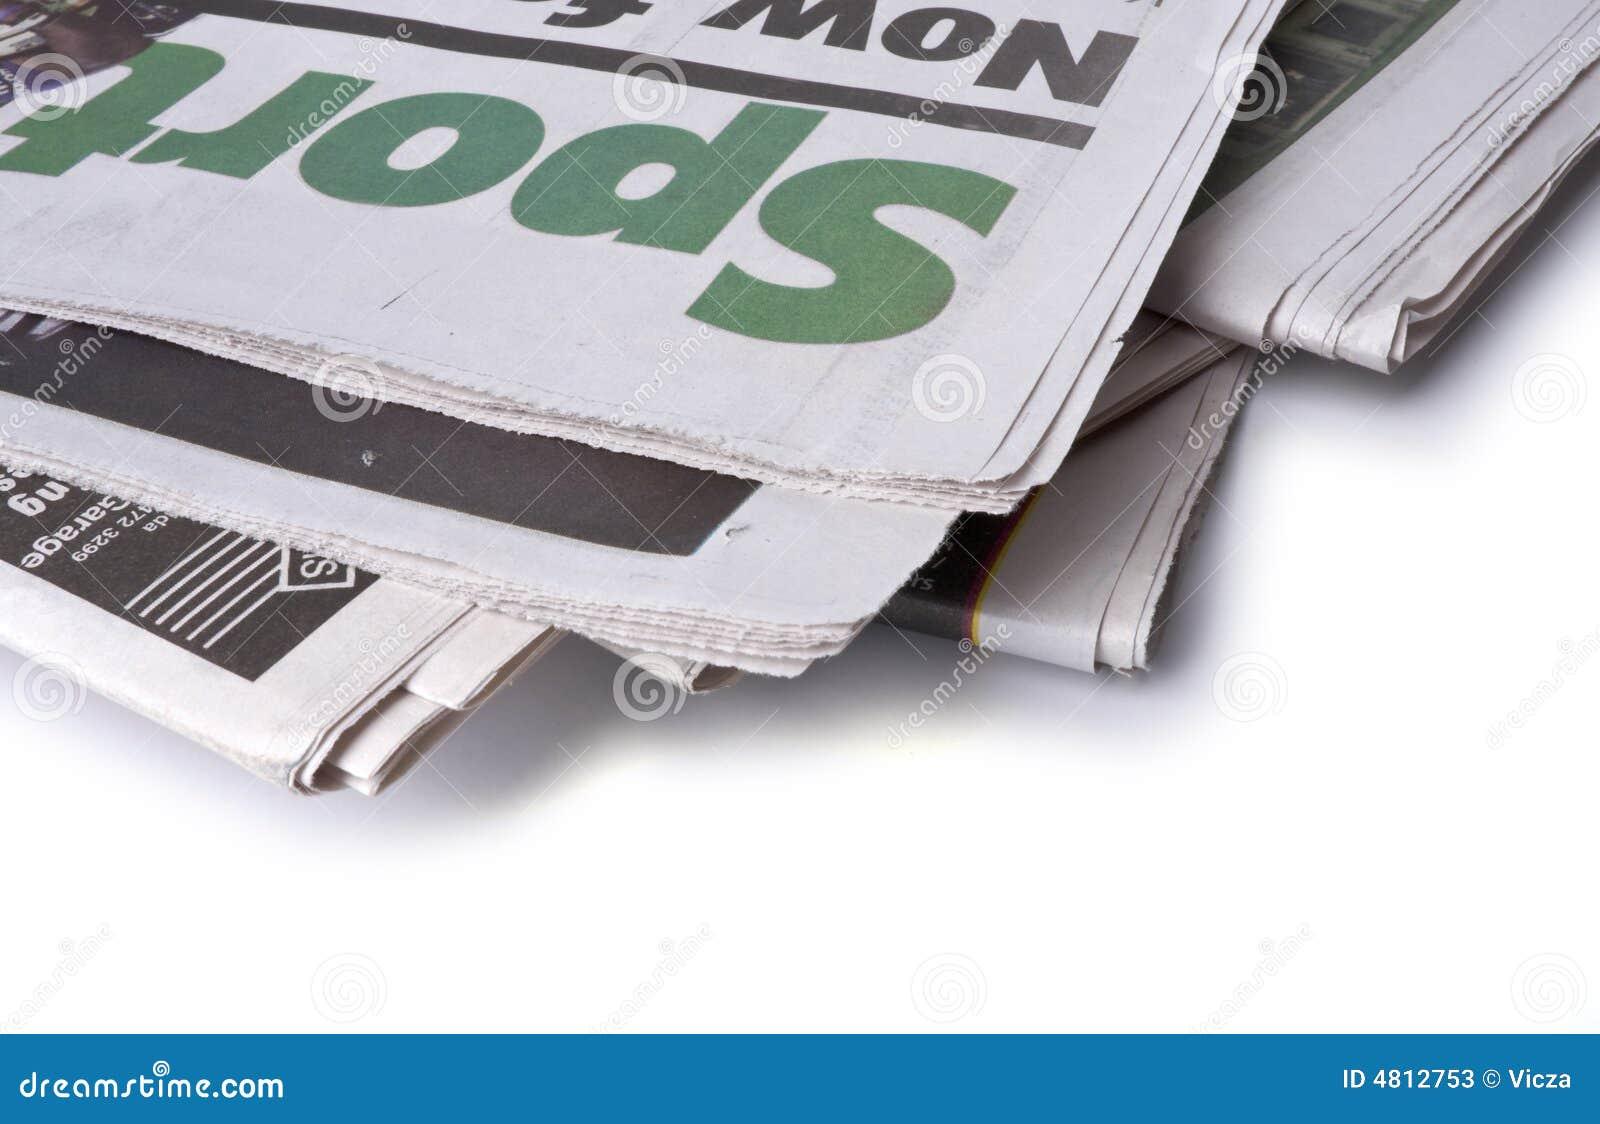 Periódico - las paginaciones de deportes